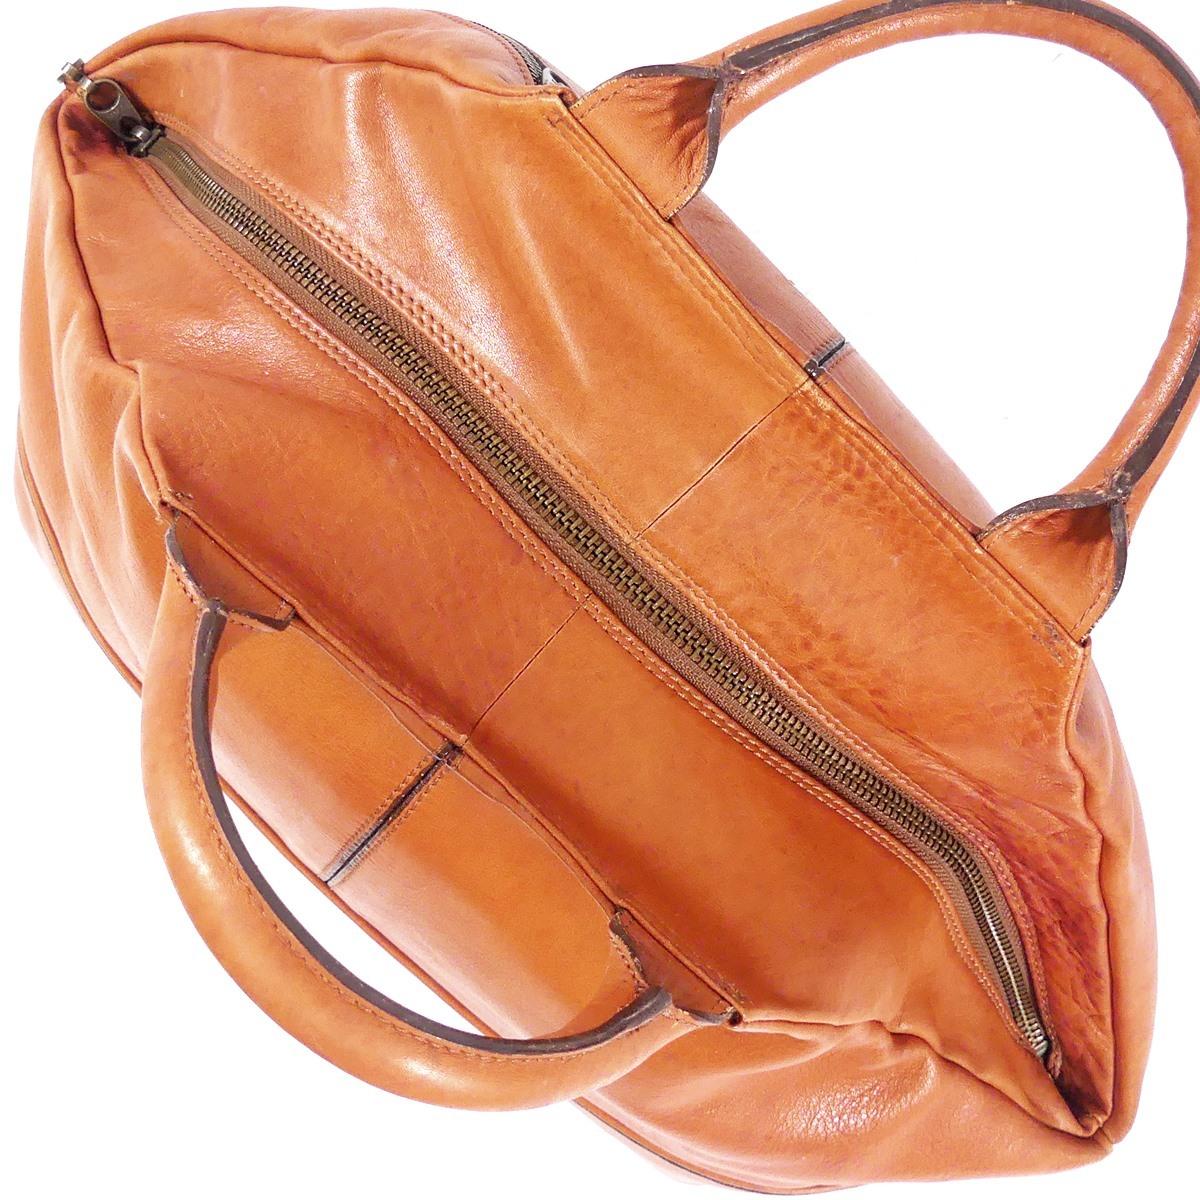 即決★EL Dolman★レザーハンドバッグ ドルマン メンズ 茶 本革 トートバッグ 本皮 かばん 鞄 レディース 手提げバッグ_画像7